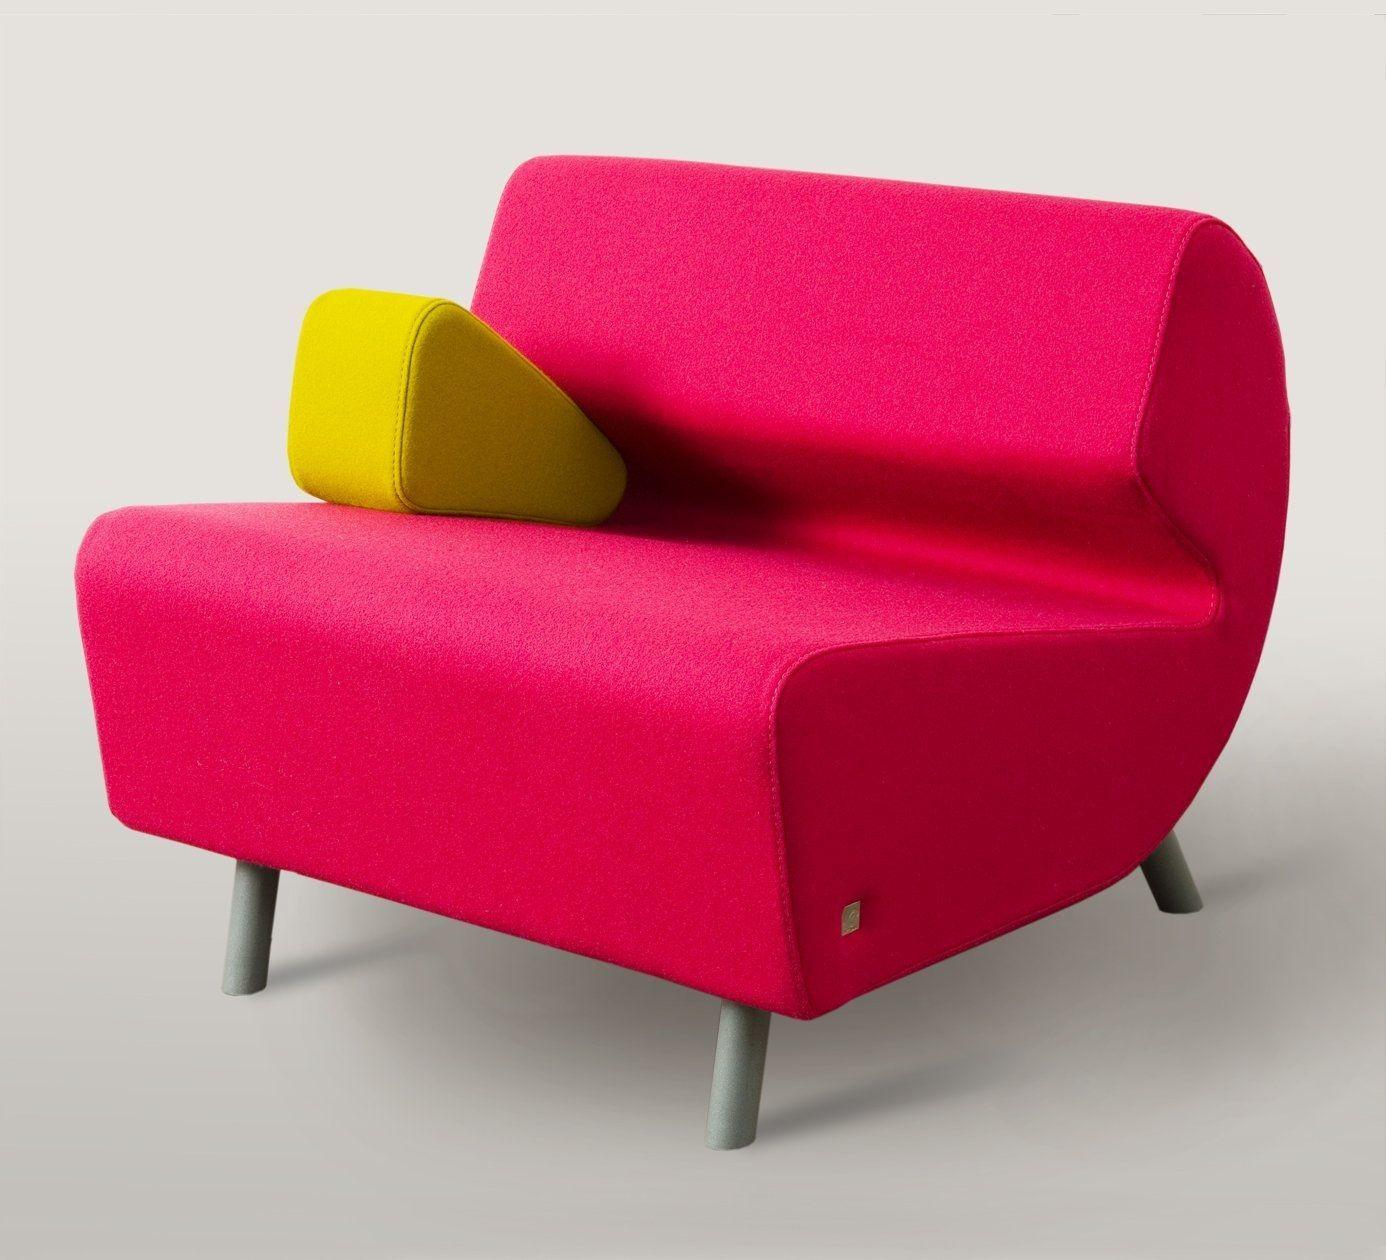 pop up recliner chairs chamber pot chair antique art furniture heavenly design fireside